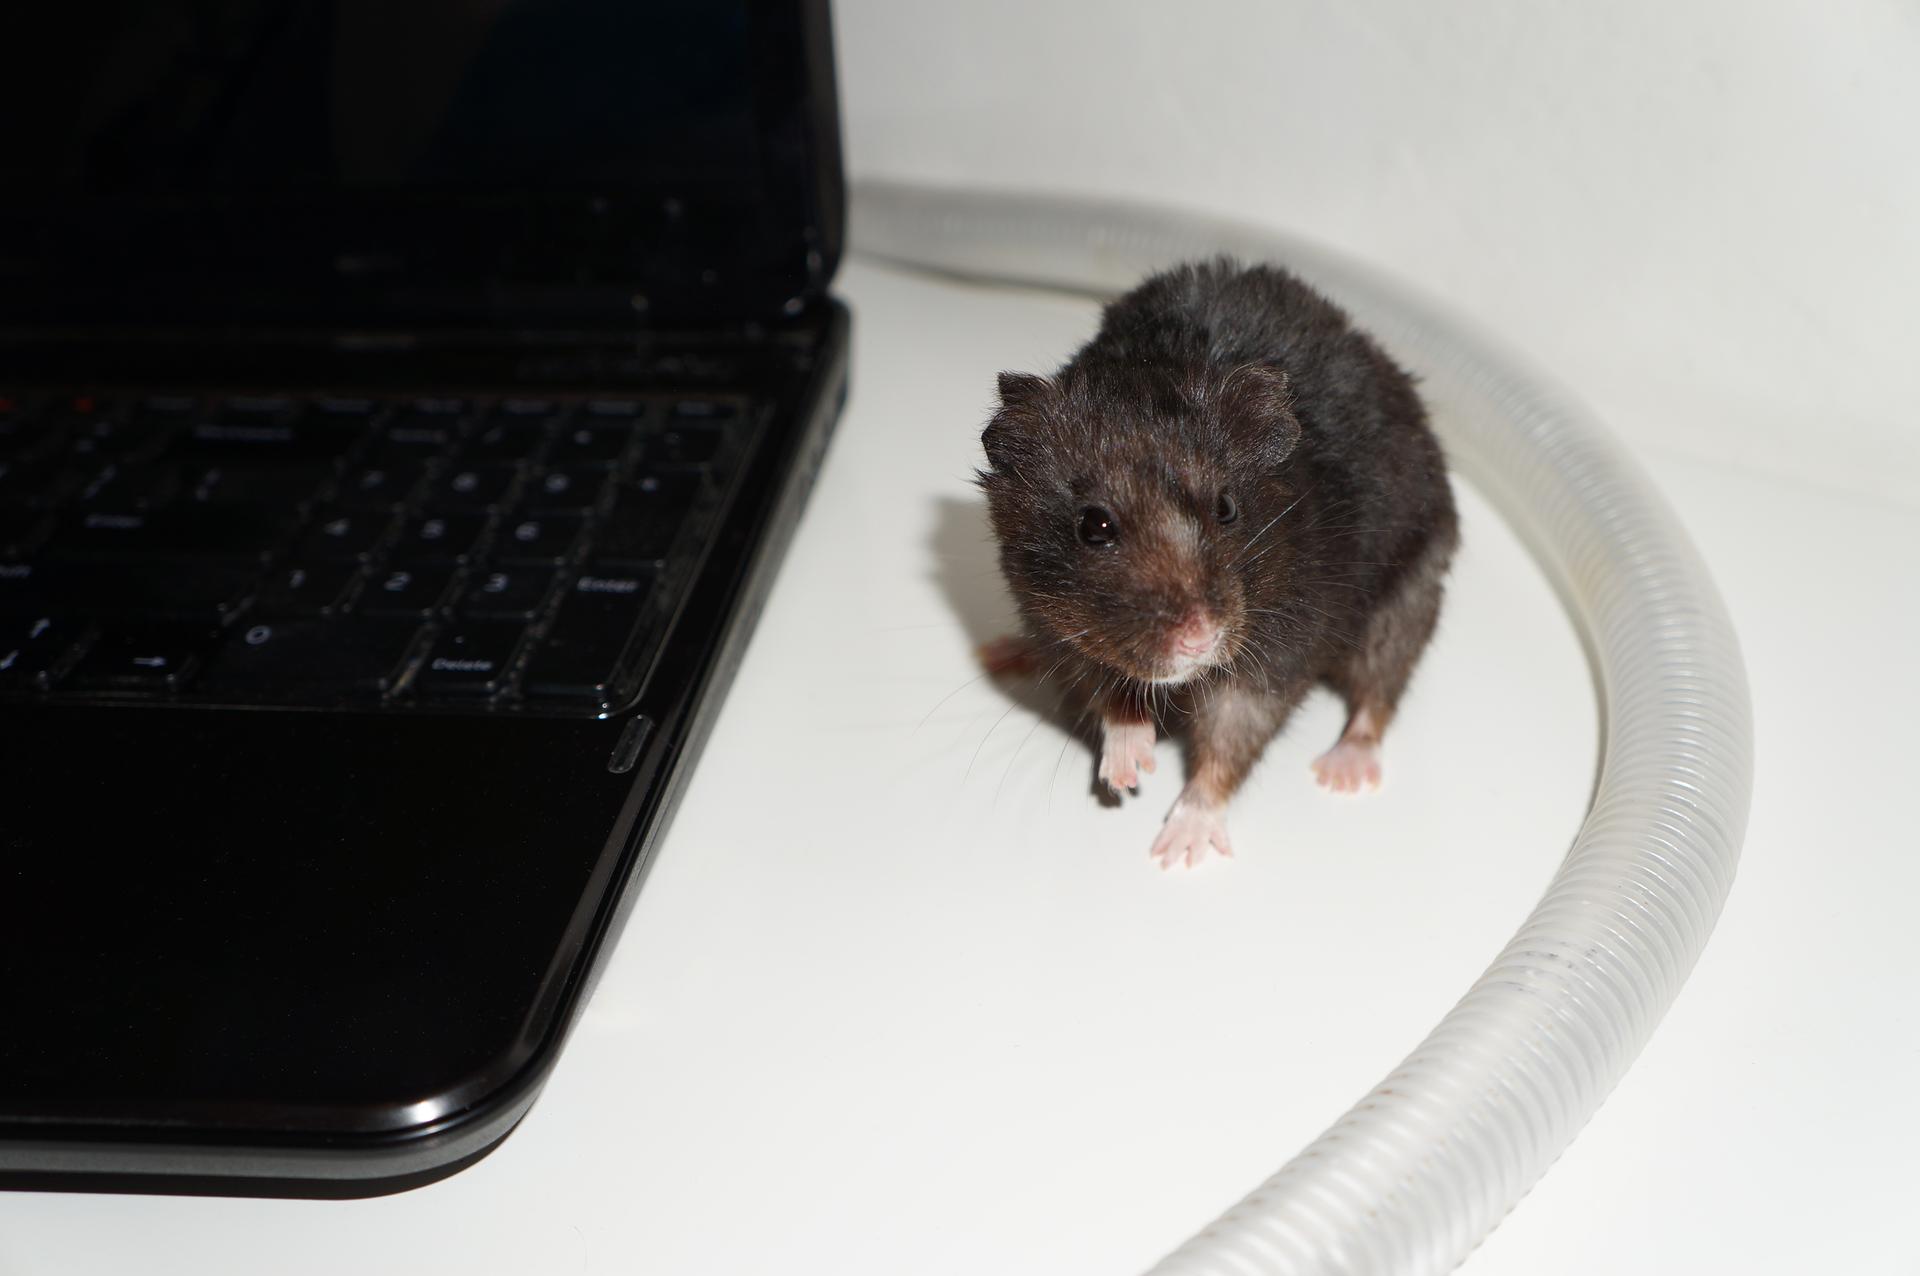 Fotografia przedstawia komputer przenośny zodchodzącym od niego kablem zabezpieczonym za pomocą plastikowej osłonki. Obok zabezpieczonego kabla siedzi mysz.